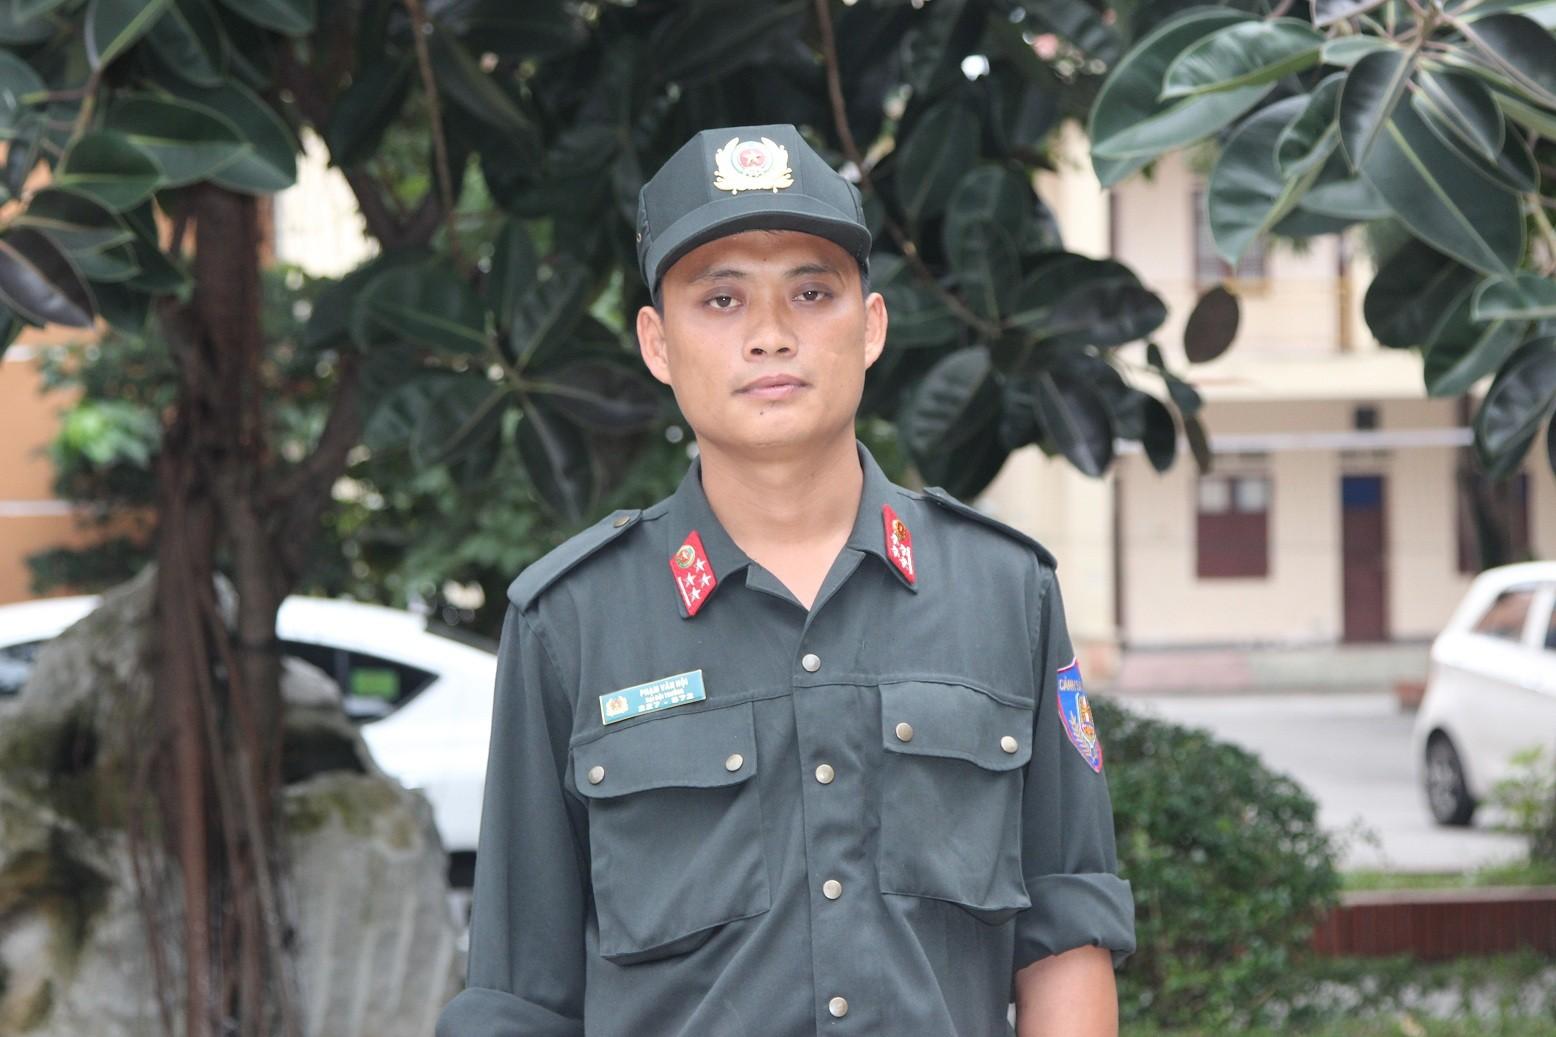 """Đại đội trưởng CSCĐ tiết lộ về cuộc trò chuyện cân não với kẻ ôm lựu đạn """"tử thủ"""" - Ảnh 1"""